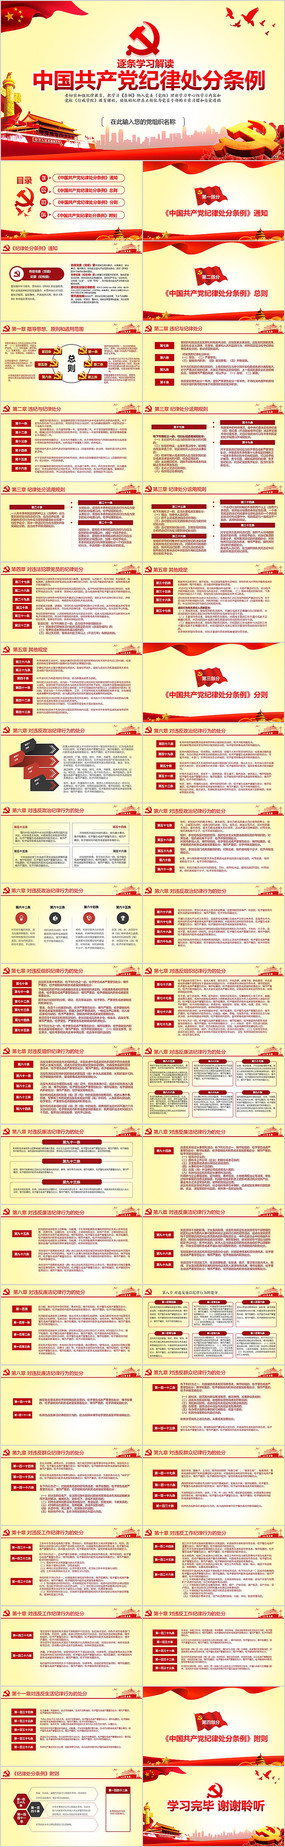 共产党纪律处分条例党课PPT pptx